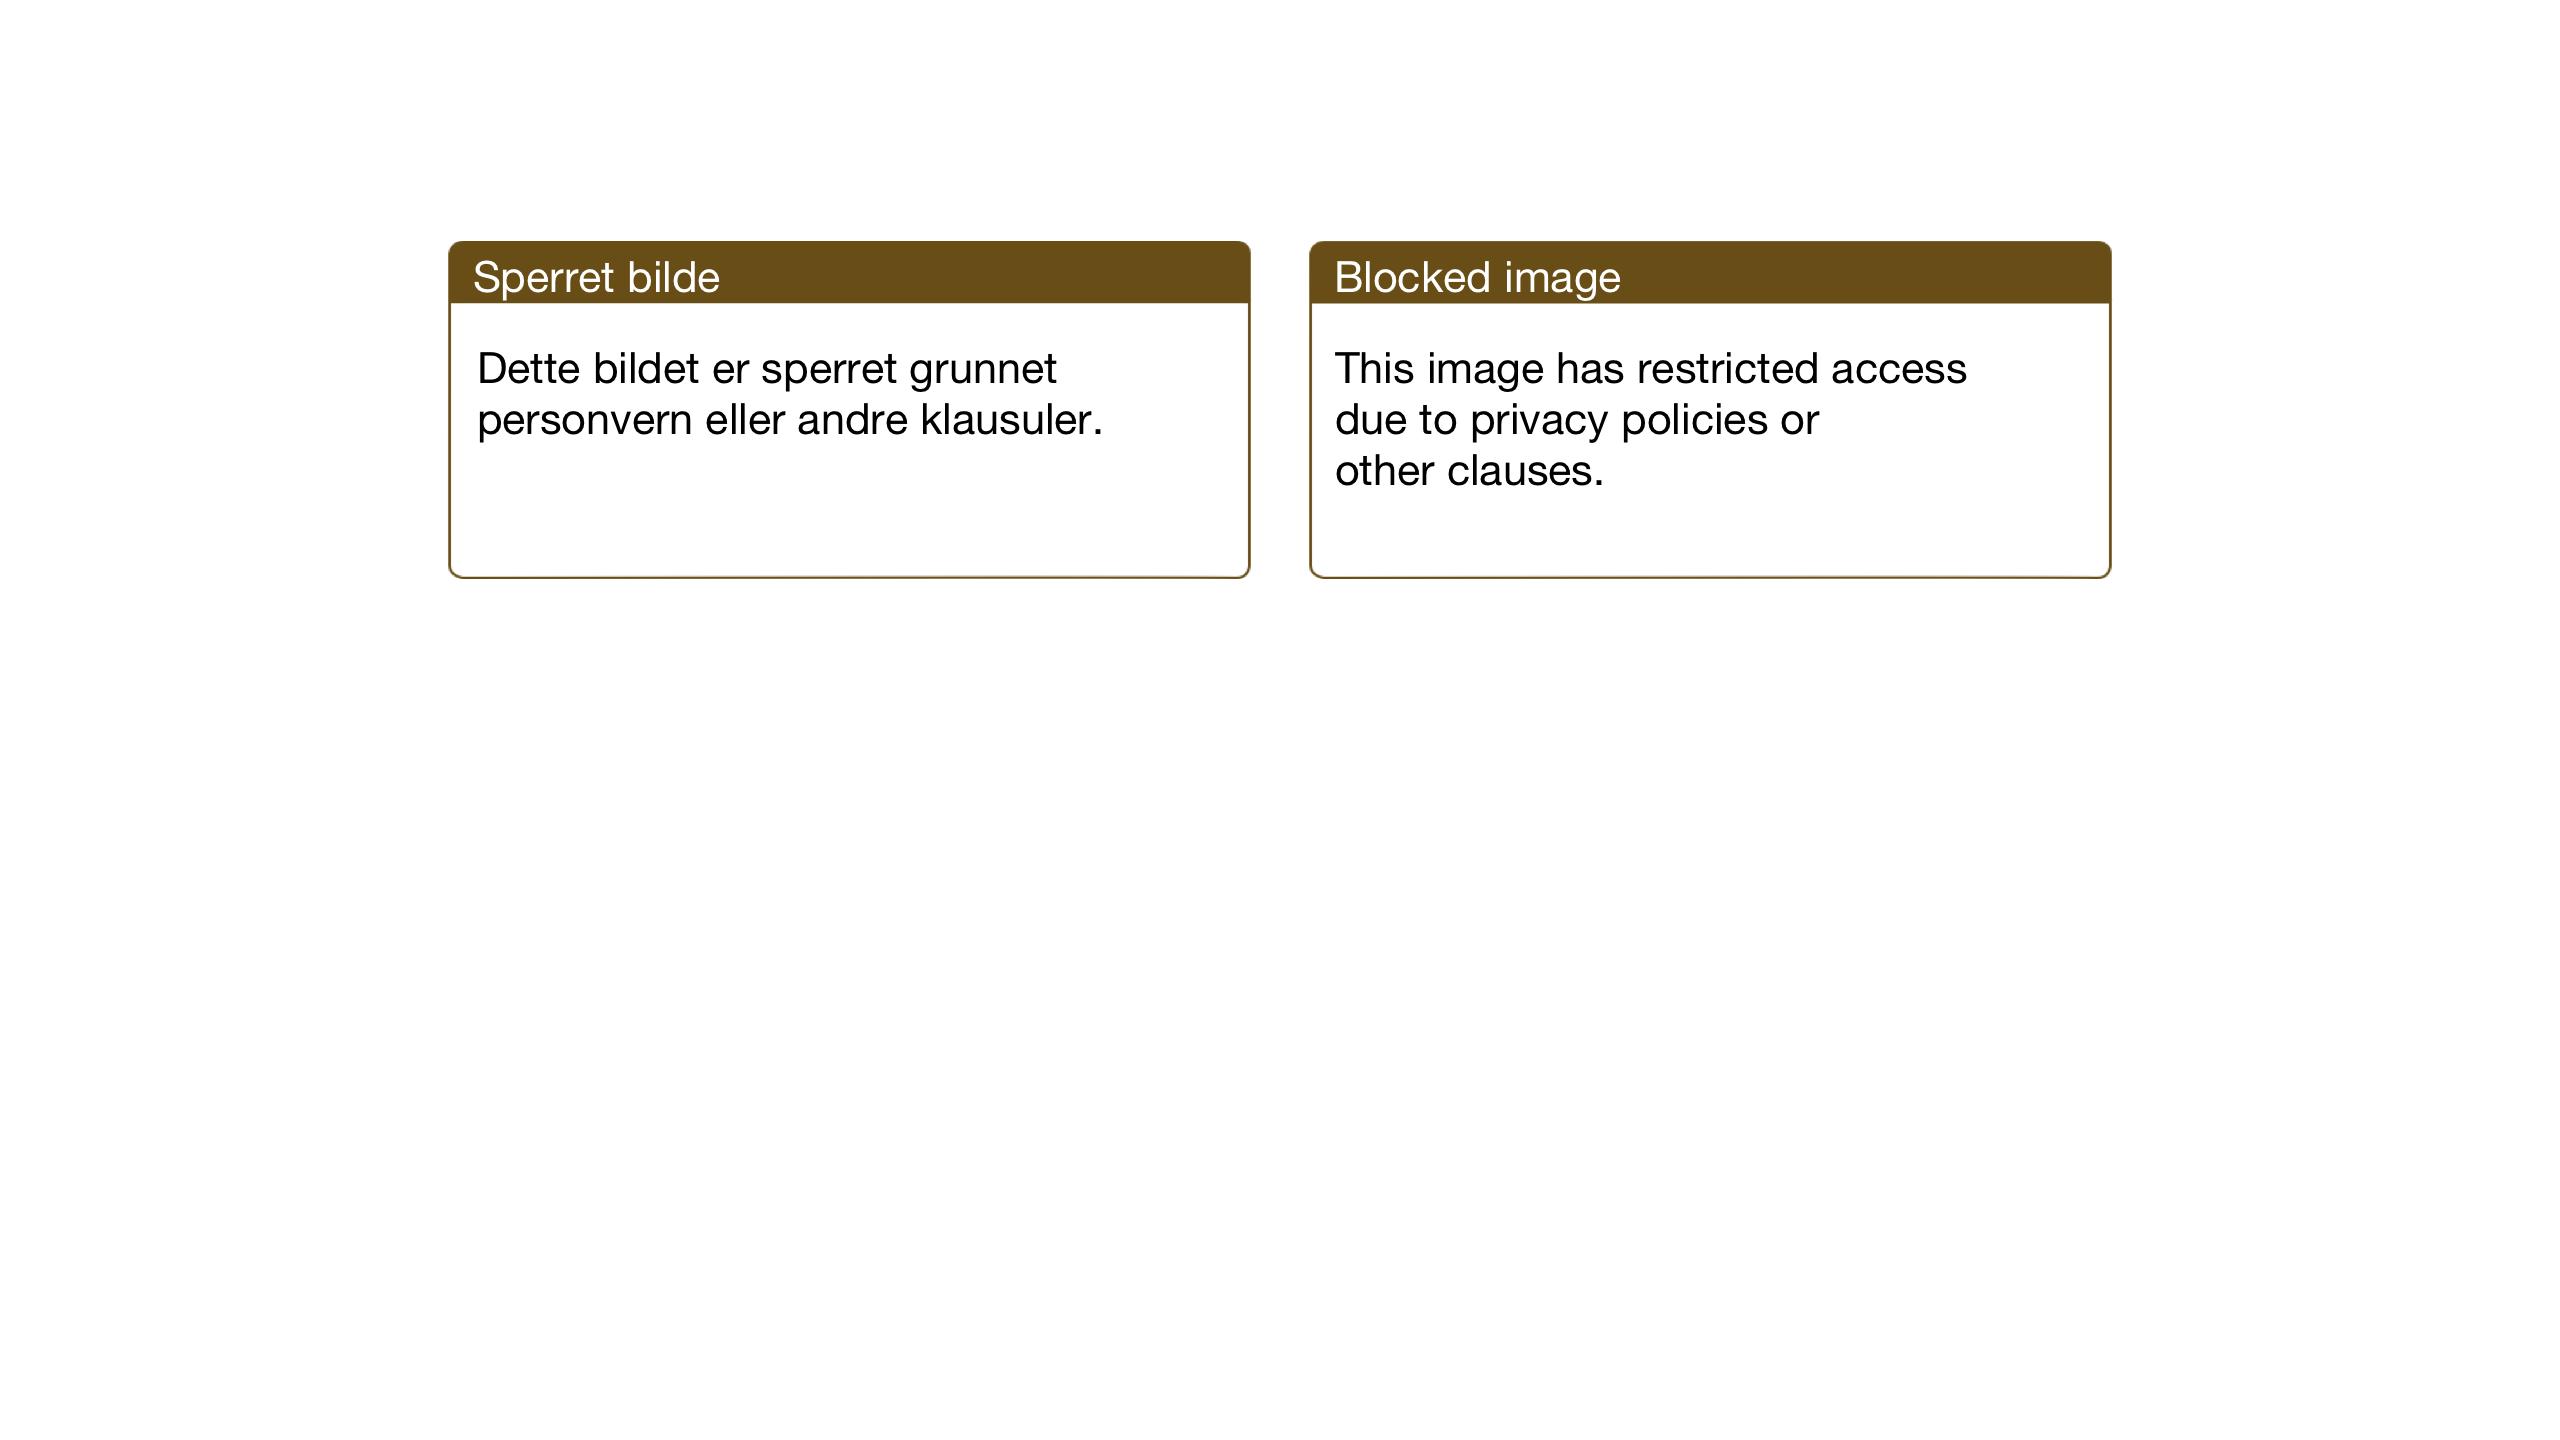 SAT, Ministerialprotokoller, klokkerbøker og fødselsregistre - Nord-Trøndelag, 710/L0097: Klokkerbok nr. 710C02, 1925-1955, s. 19